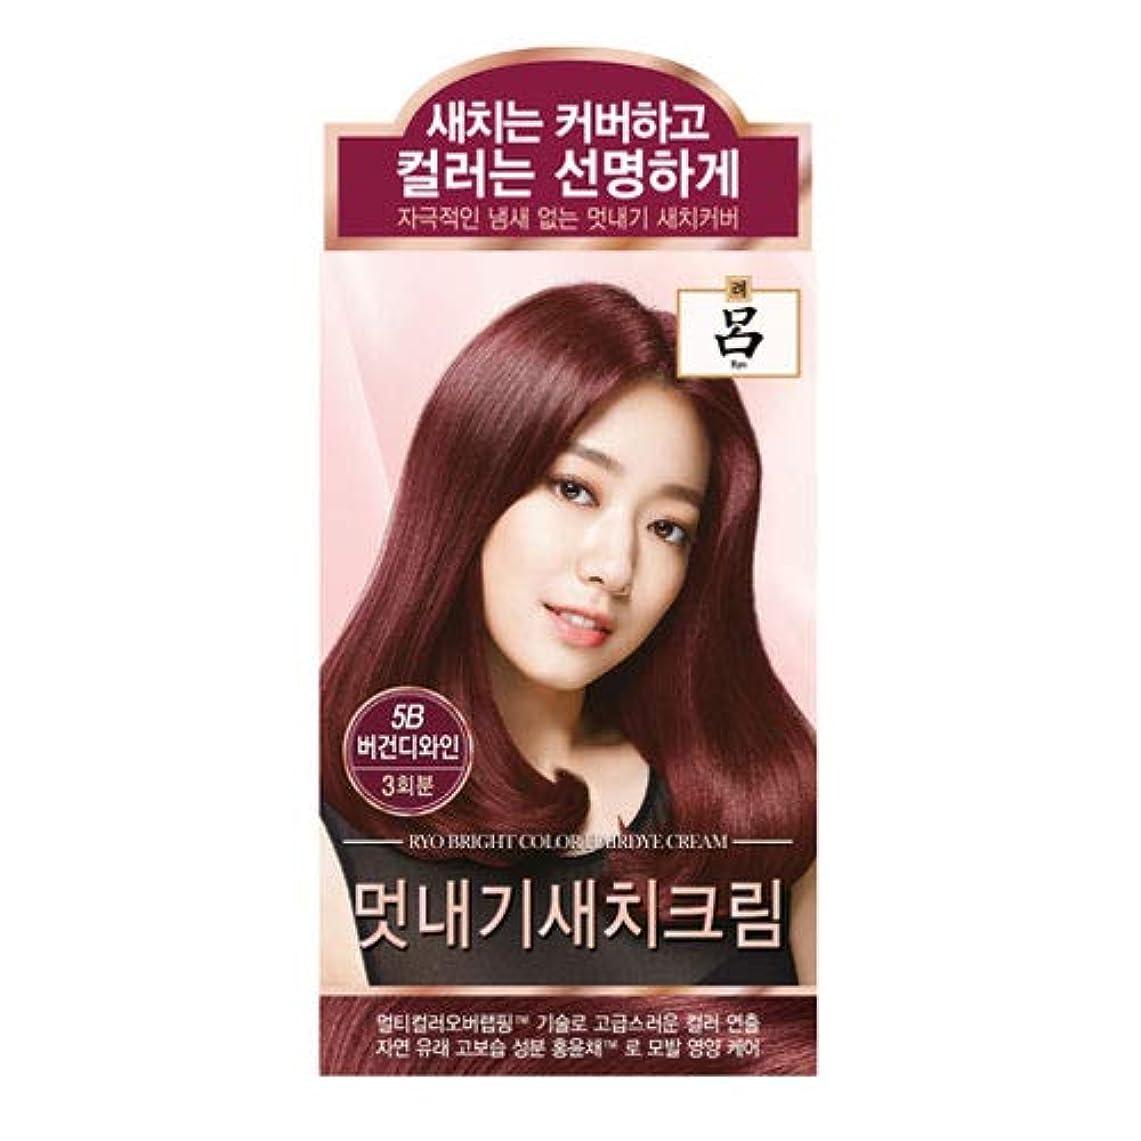 予測するどっちでも接尾辞アモーレパシフィック呂[AMOREPACIFIC/Ryo] ブライトカラーヘアダイクリーム 5B ブルゴーニュワイン/Bright Color Hairdye Cream 5B Burgundy Wine